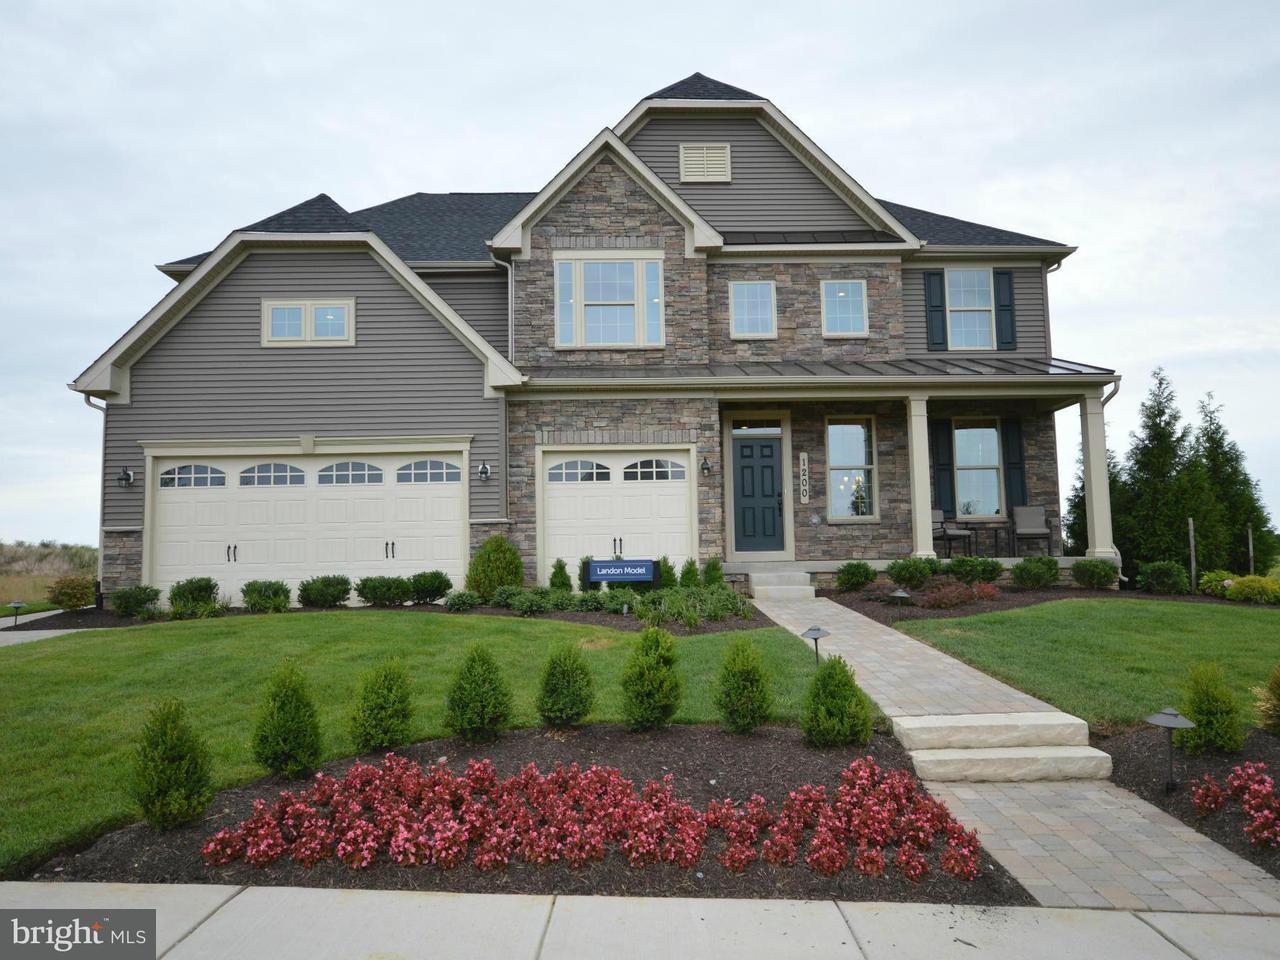 Частный односемейный дом для того Продажа на 500 MARTINS CREEK Drive 500 MARTINS CREEK Drive Brunswick, Мэриленд 21716 Соединенные Штаты